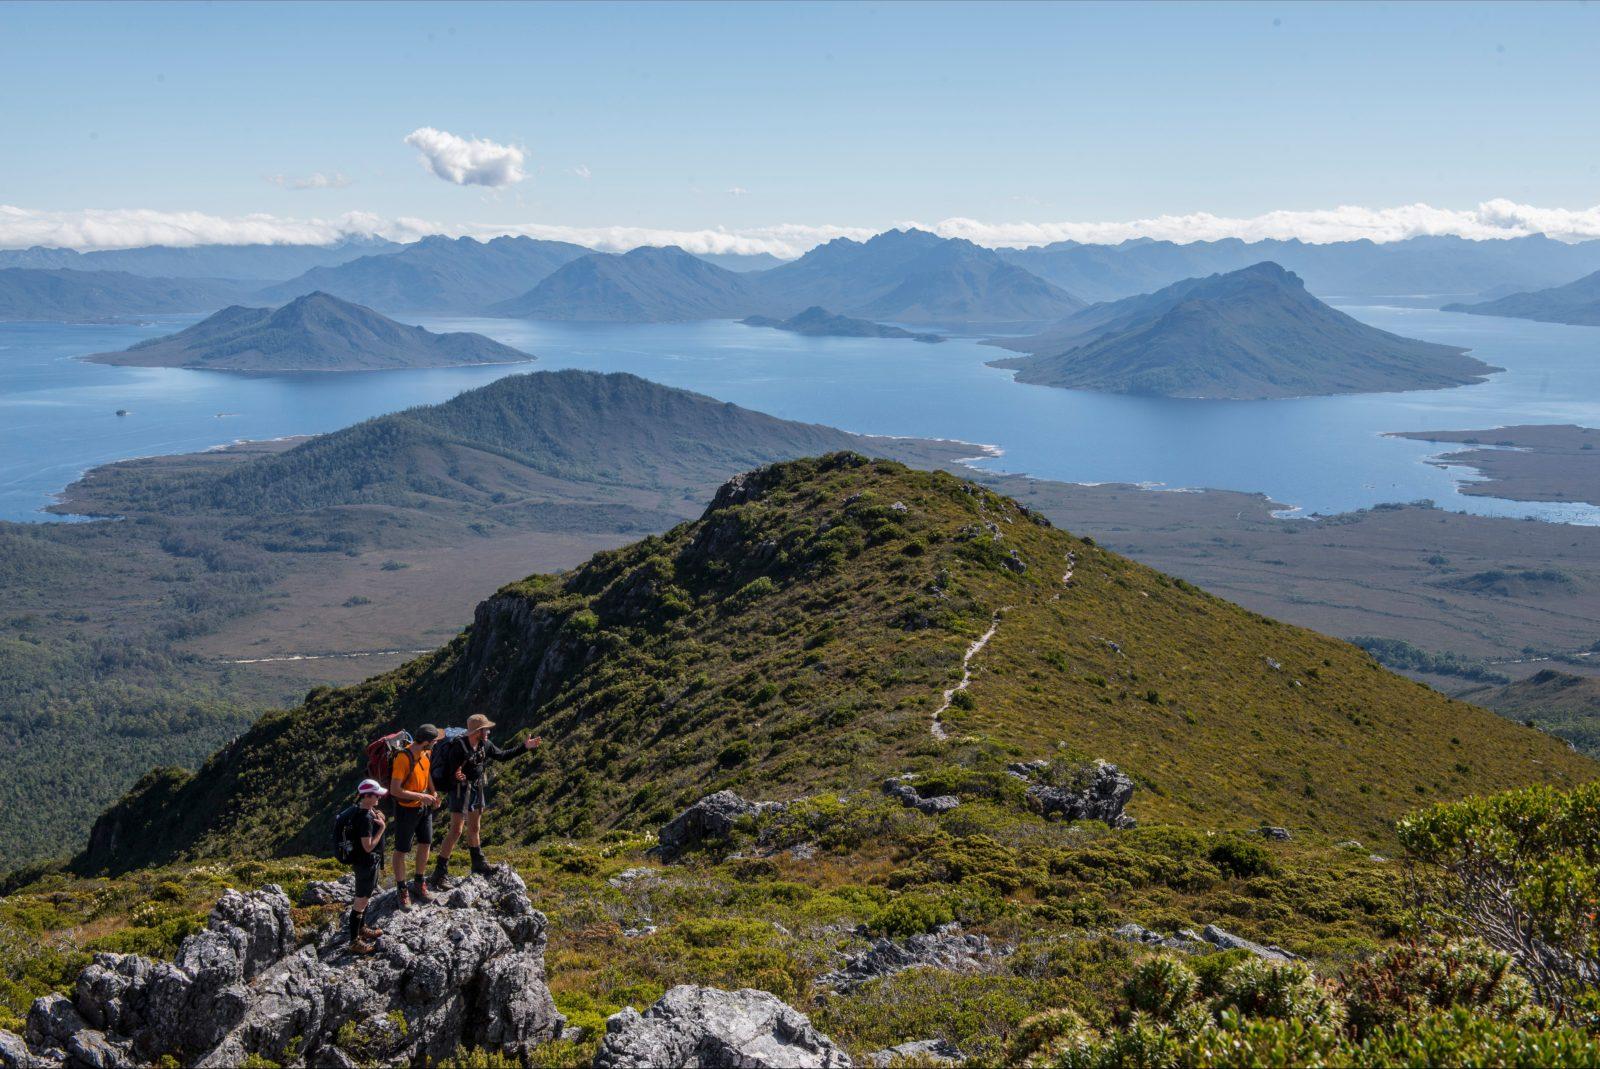 Wild Pedder, Mount Eliza, Lake Pedder and the Frankland Range